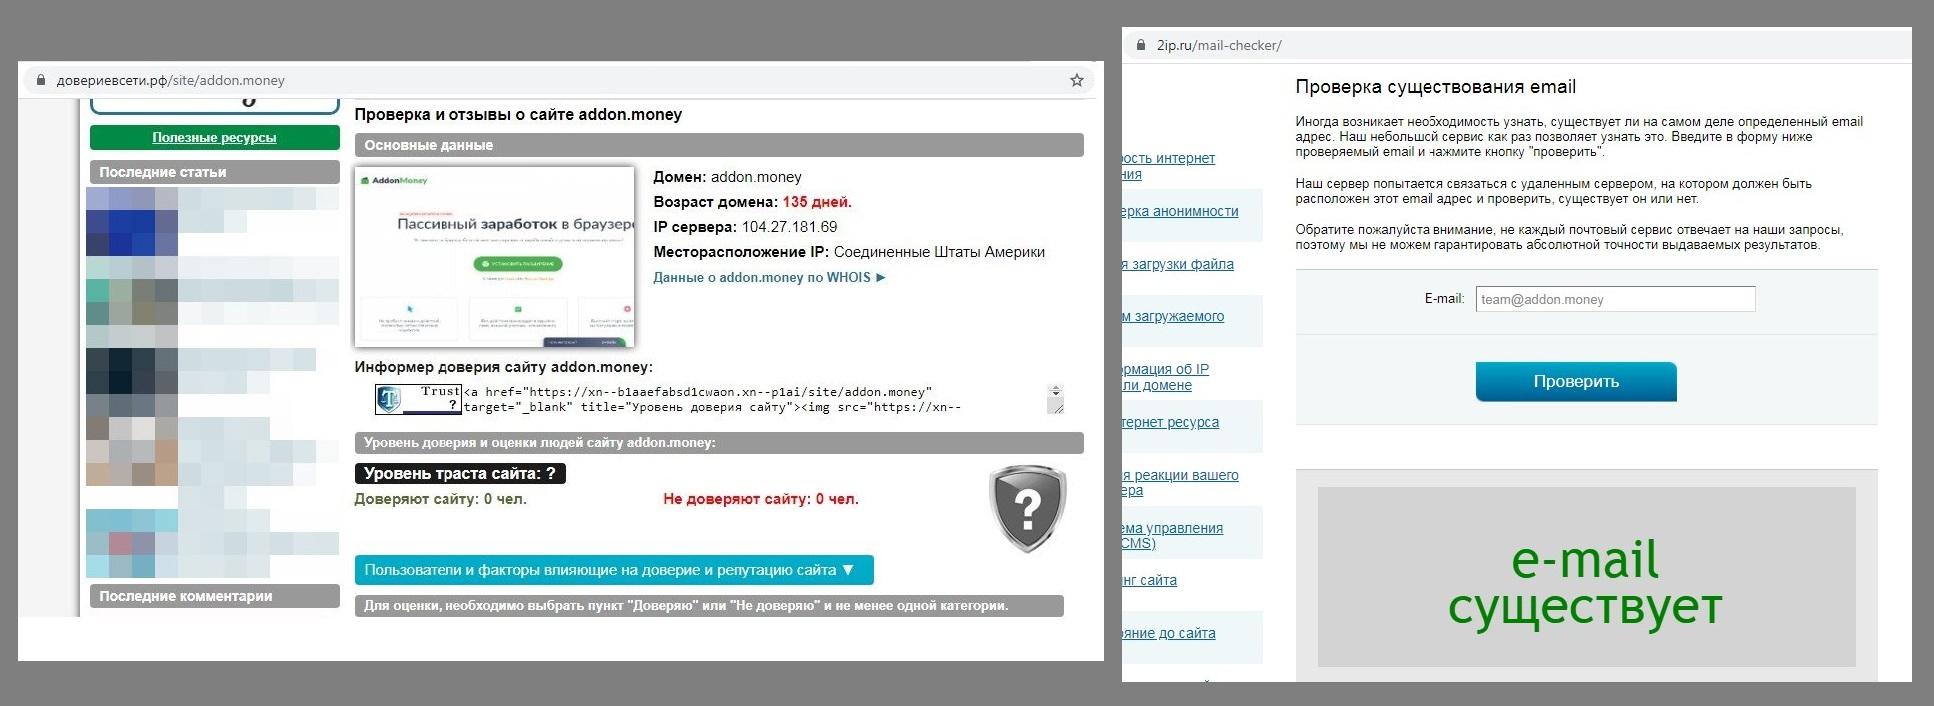 Проверка сайта и email